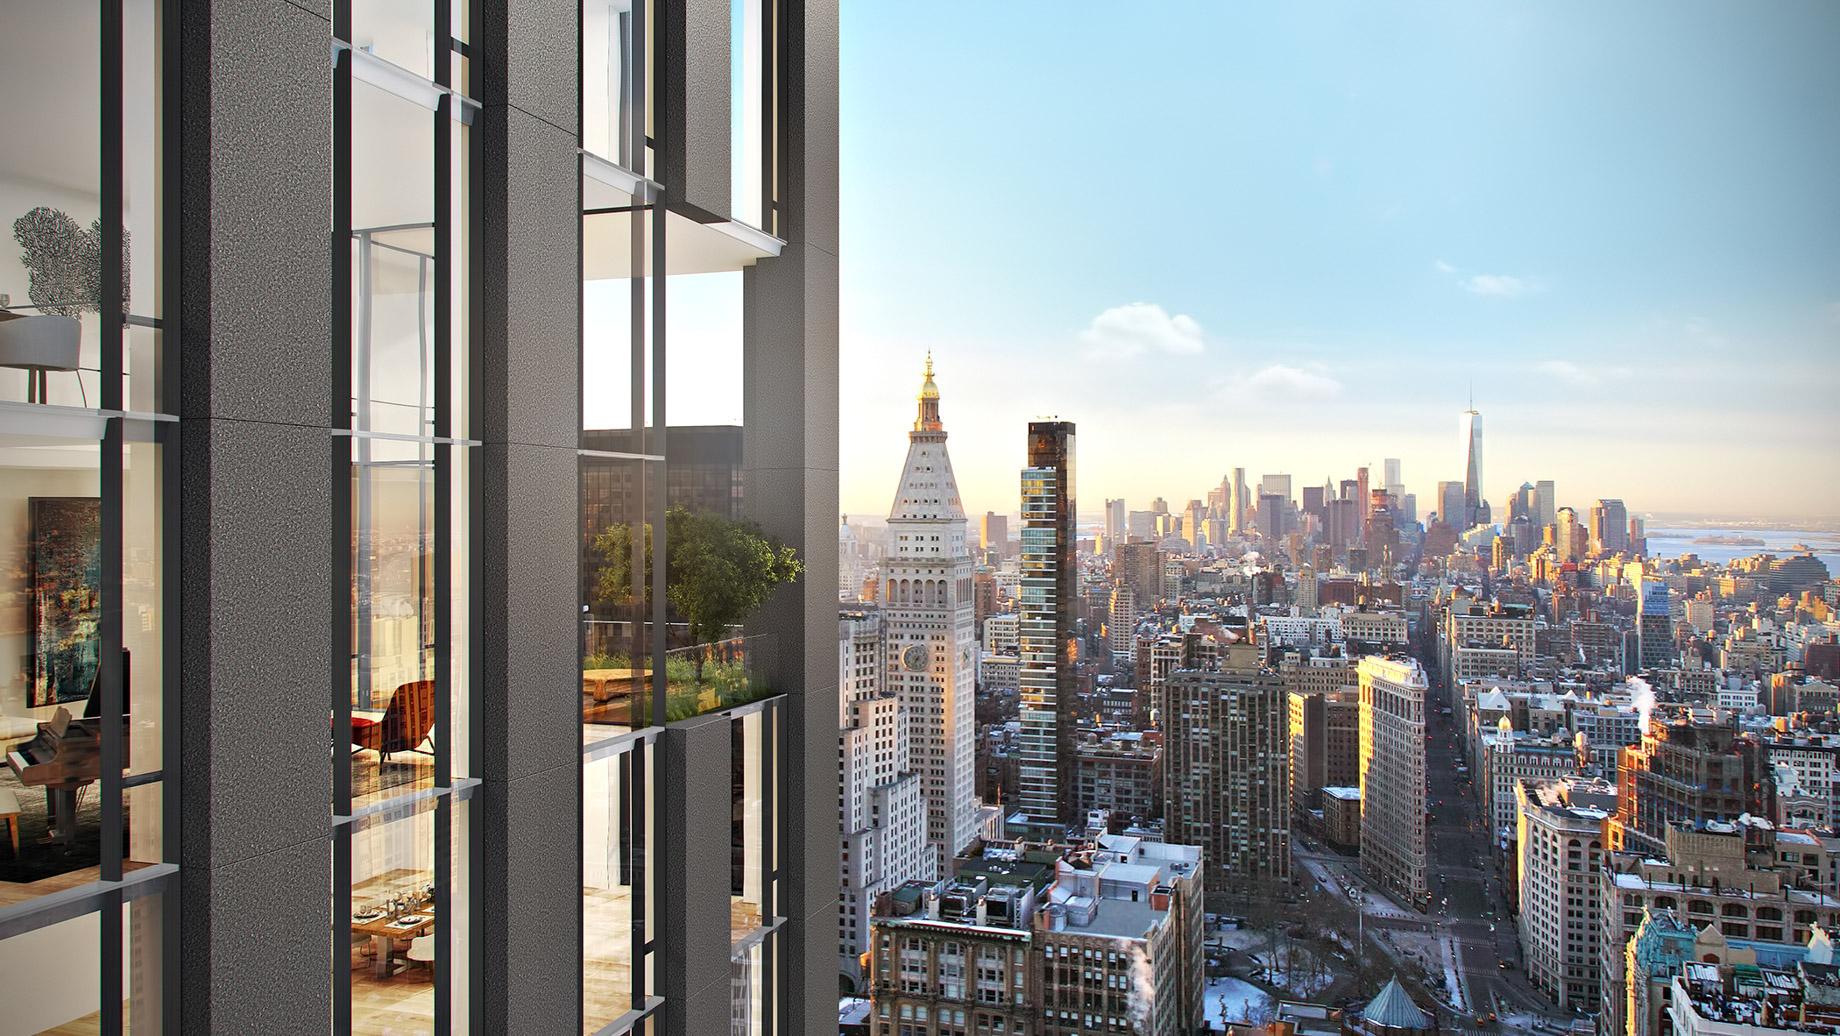 277 Fifth Luxury Condo Apartments - 277 5th Ave, New York, NY, USA